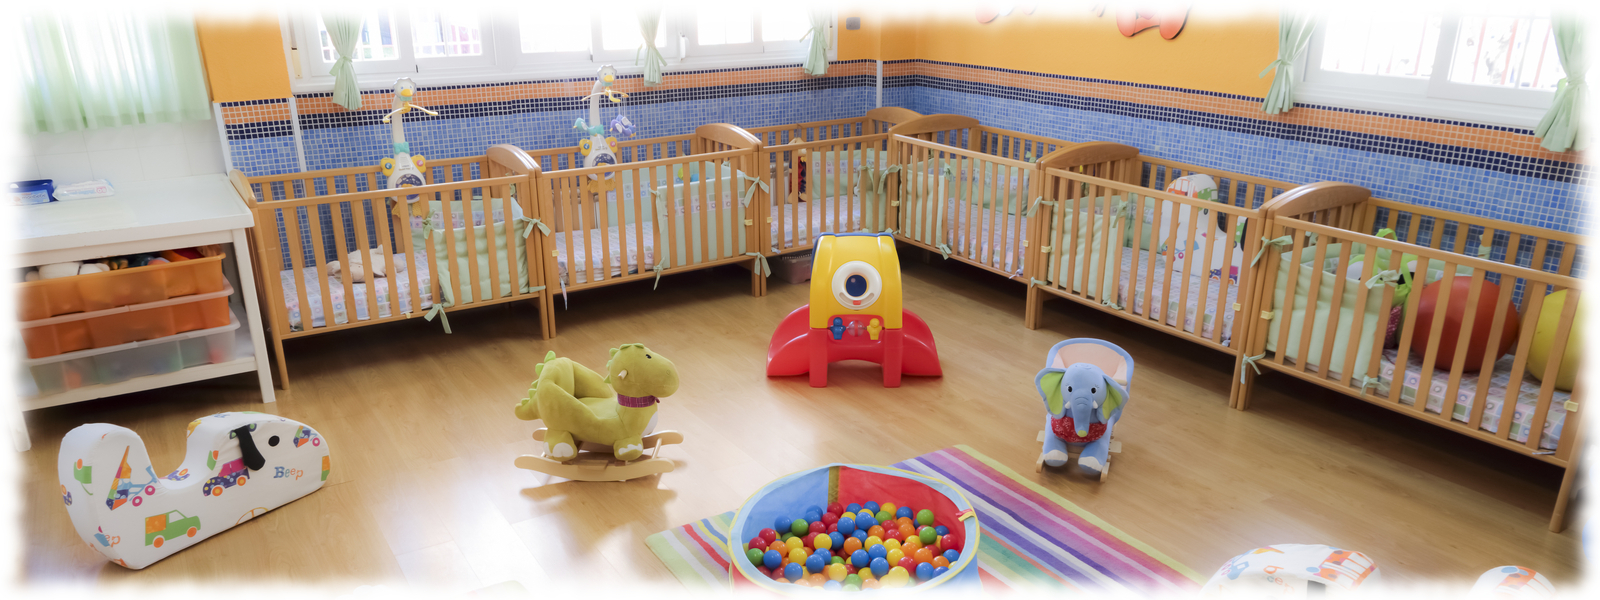 Juegos y cunas en el aula de bebés en la Escuela Infantil Booma en Talavera de la Reina